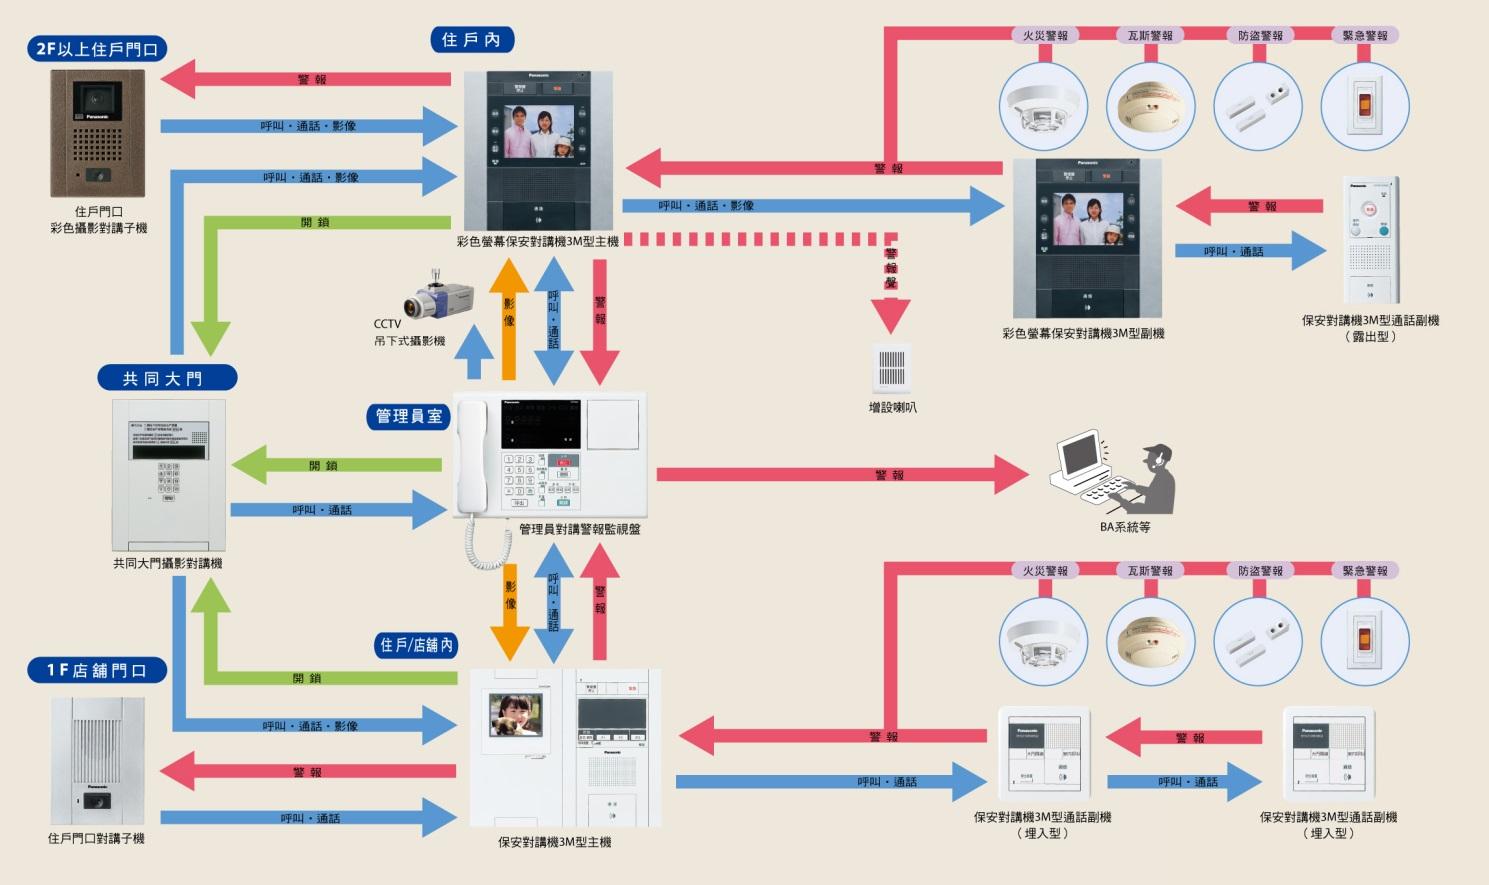 系統功能關係圖